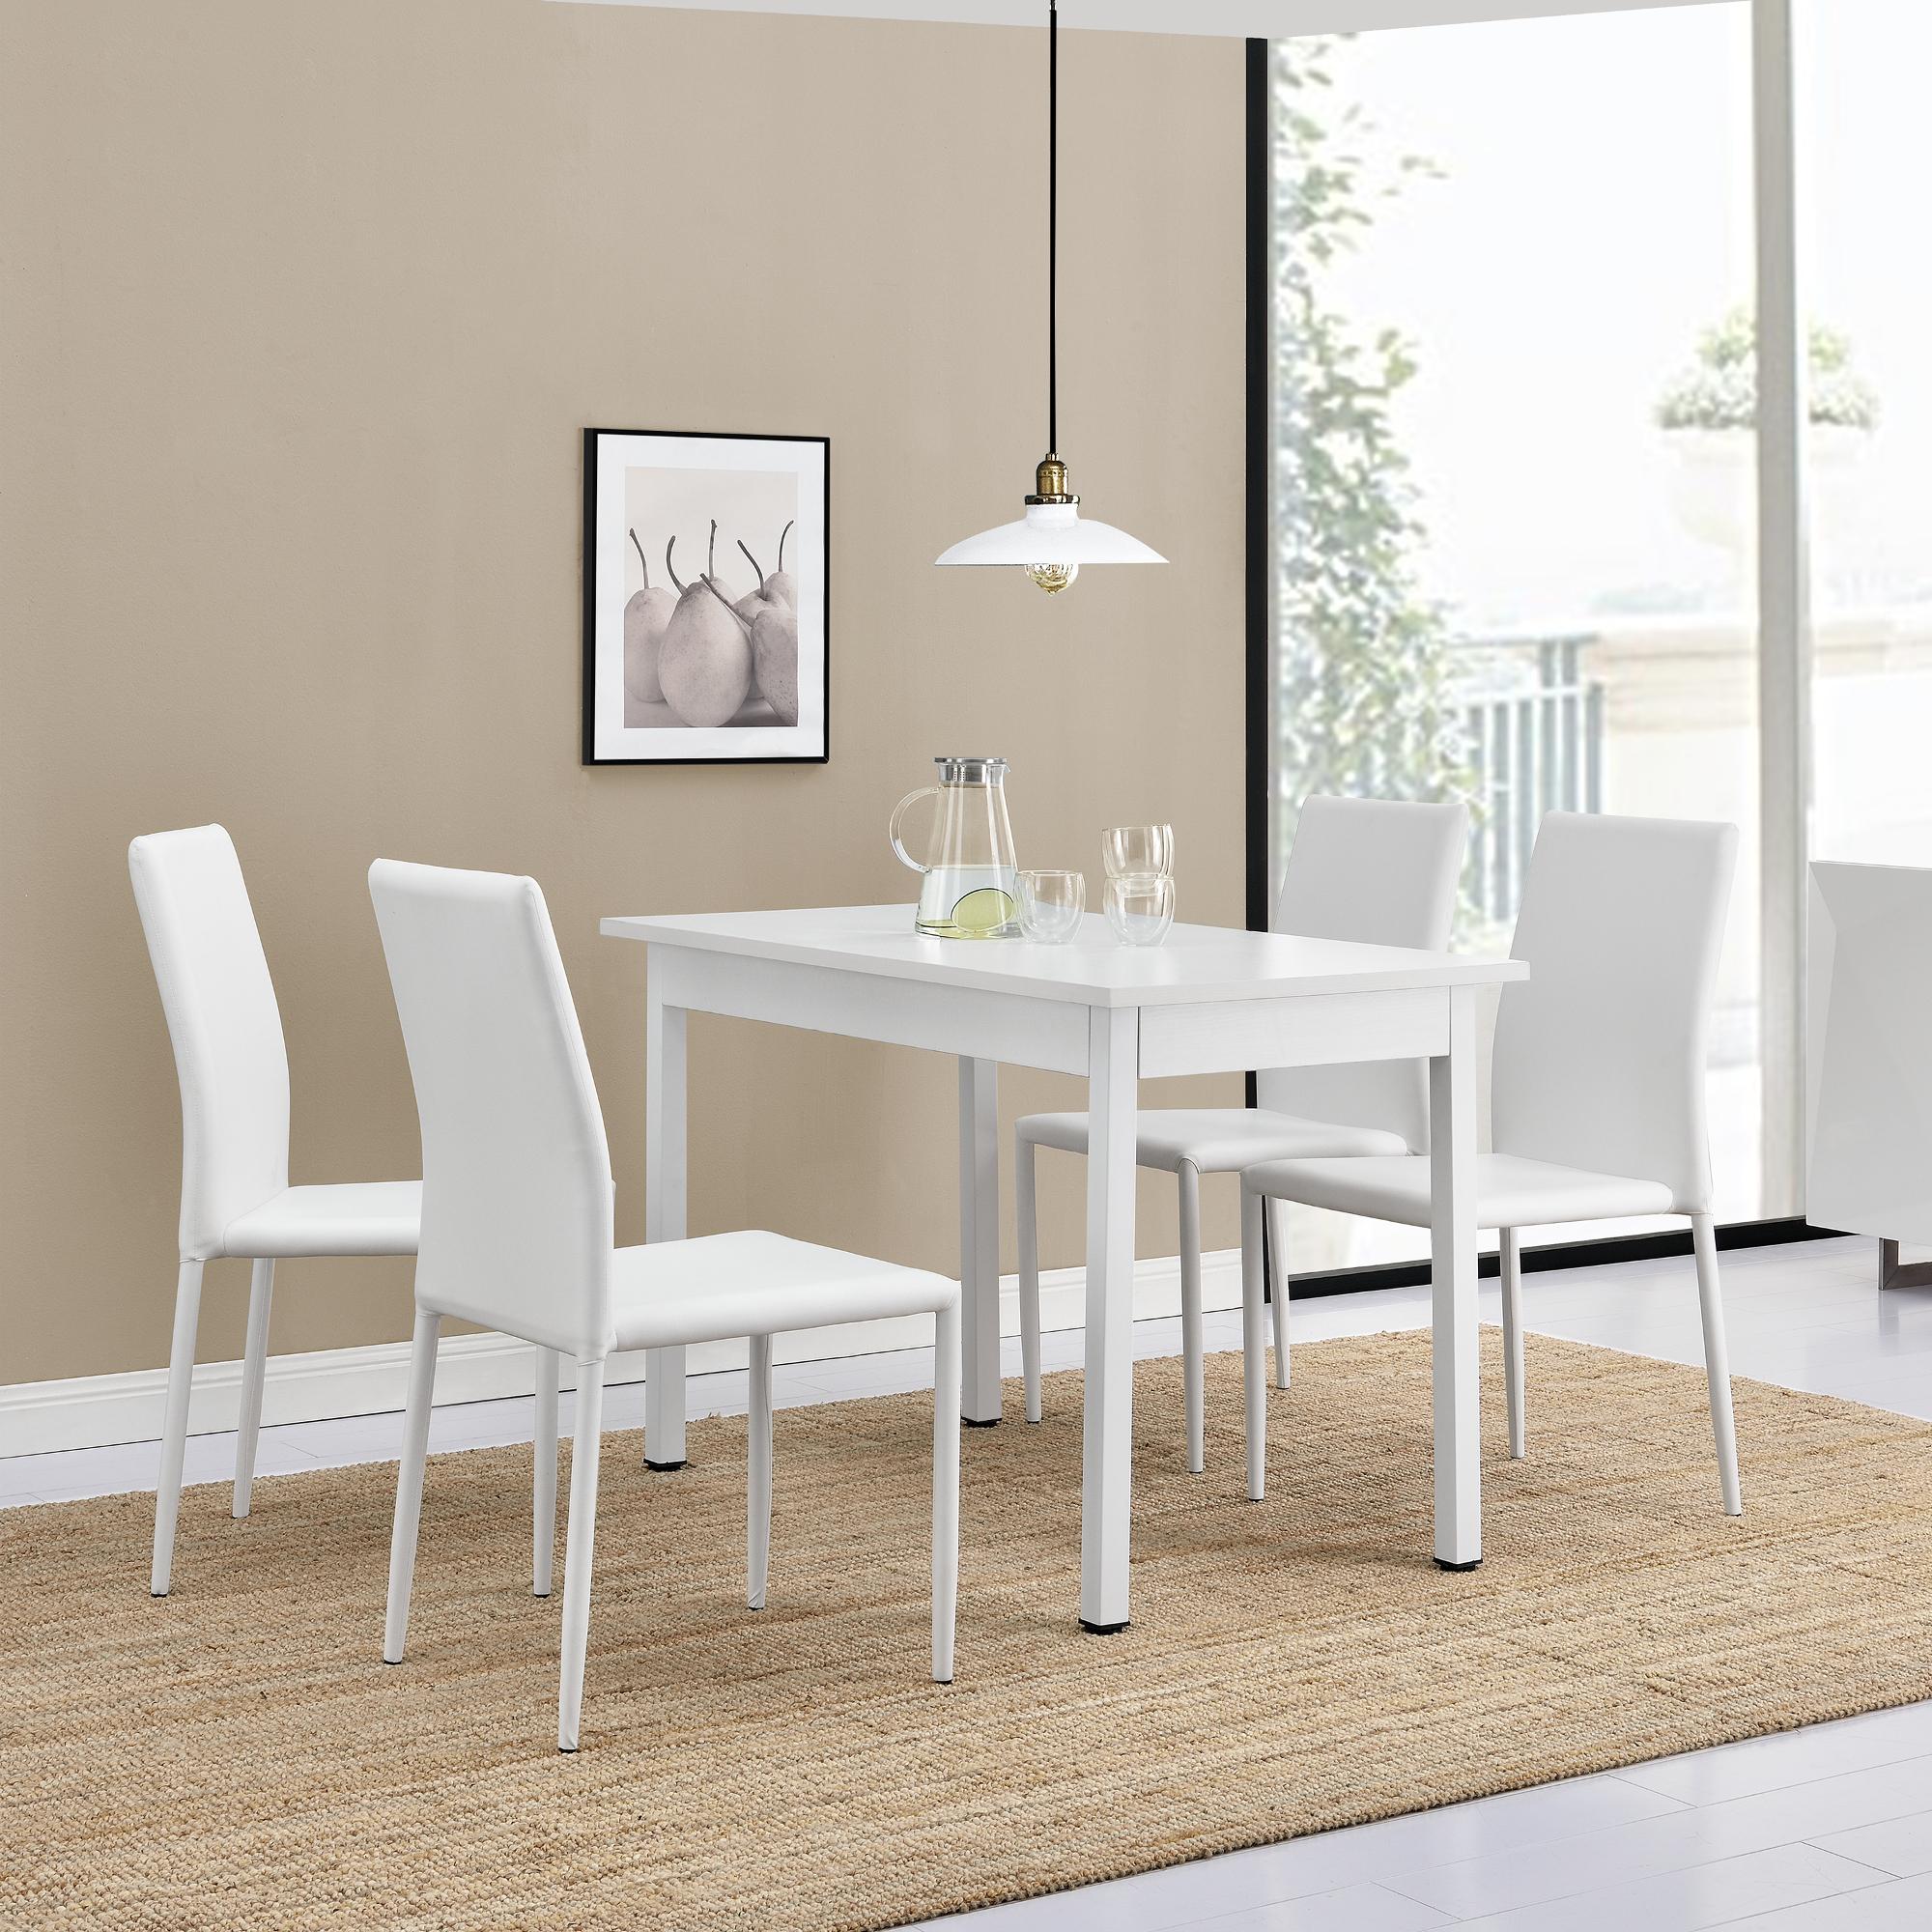 en.casa]® Esstisch mit 4 Stühlen weiß 120x60cm Küchentisch ...